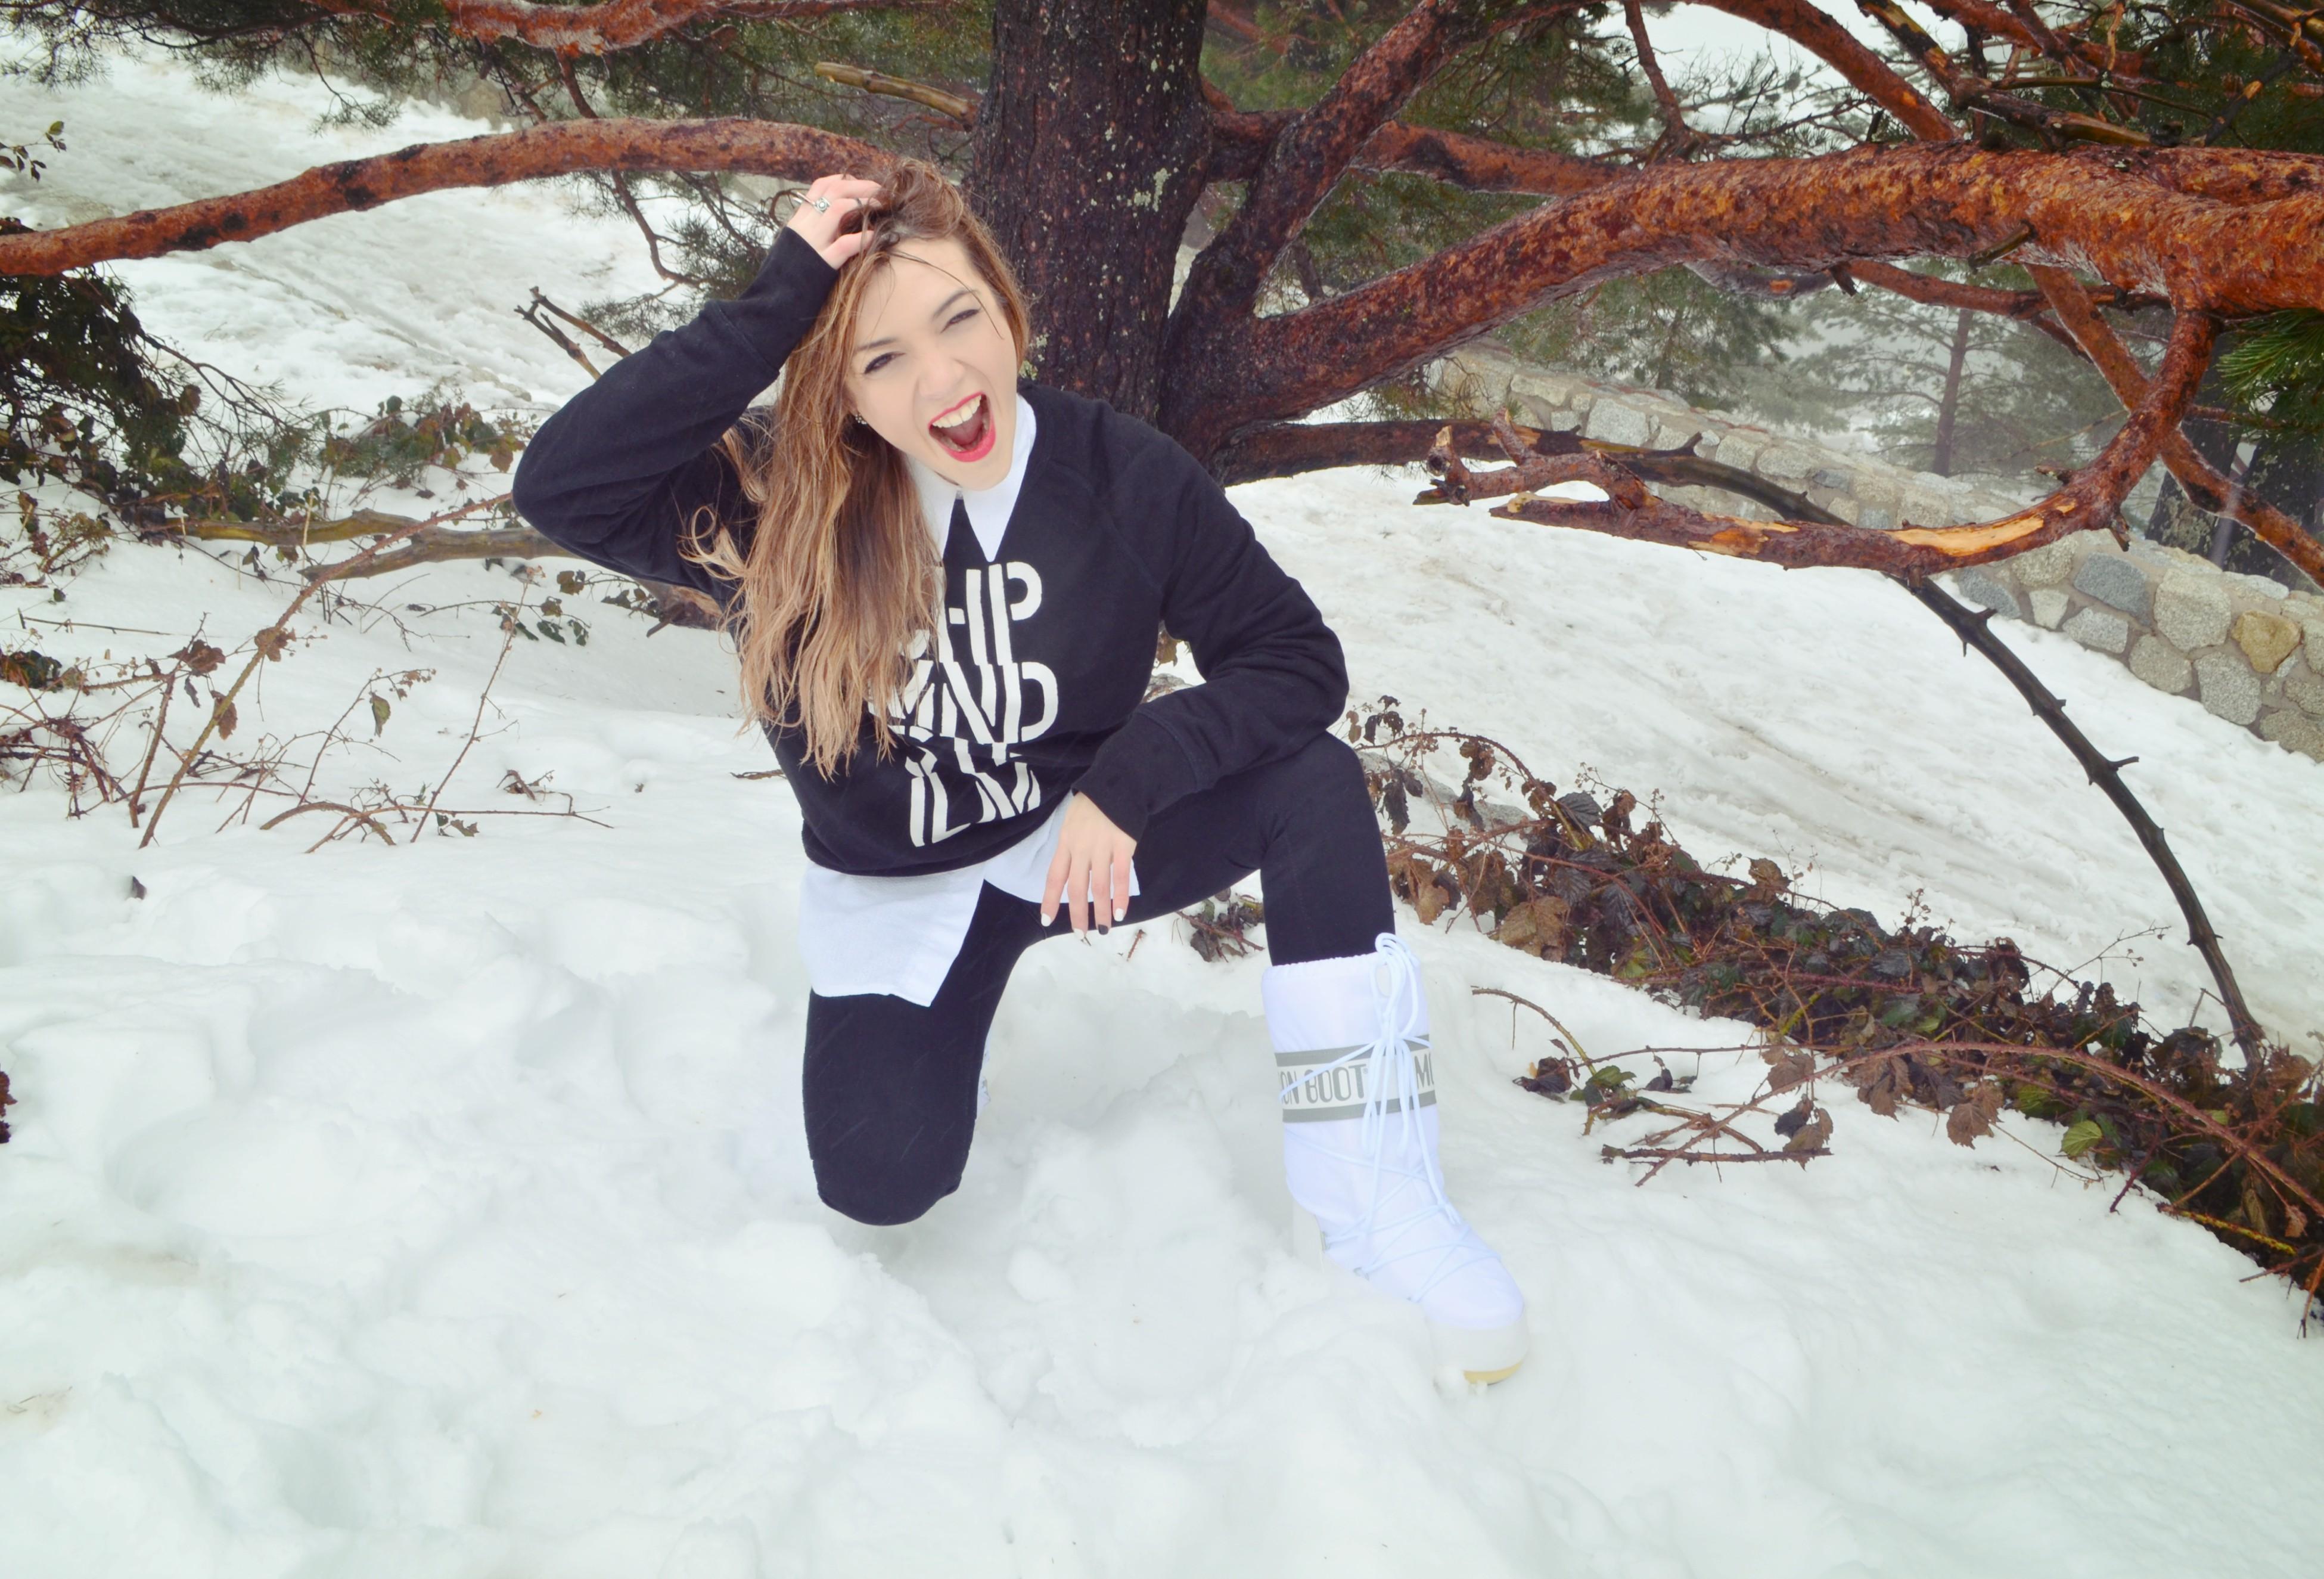 Botas-de-nieve-moon-boot-blog-de-moda-ChicAdicta-fashionista-snow-style-Chic-Adicta-look-blanco-y-negro-PiensaenChic-Piensa-en-Chic